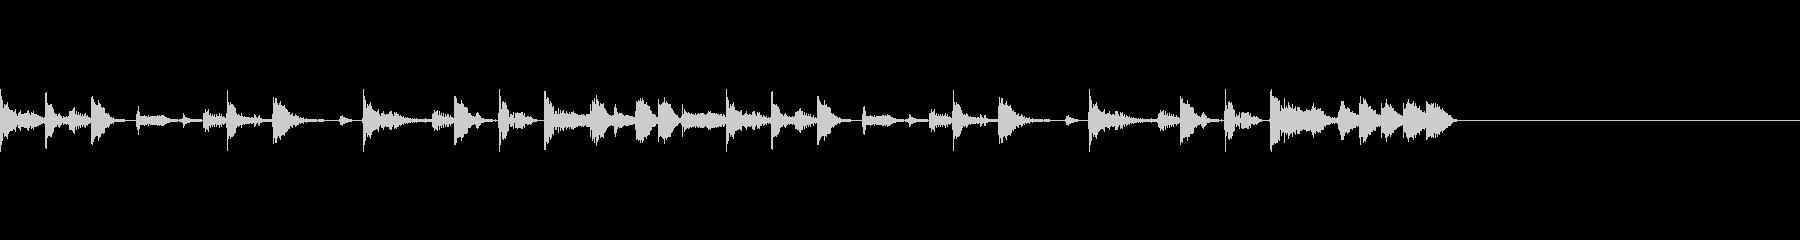 スラップベースと低音が目立つジングルの未再生の波形